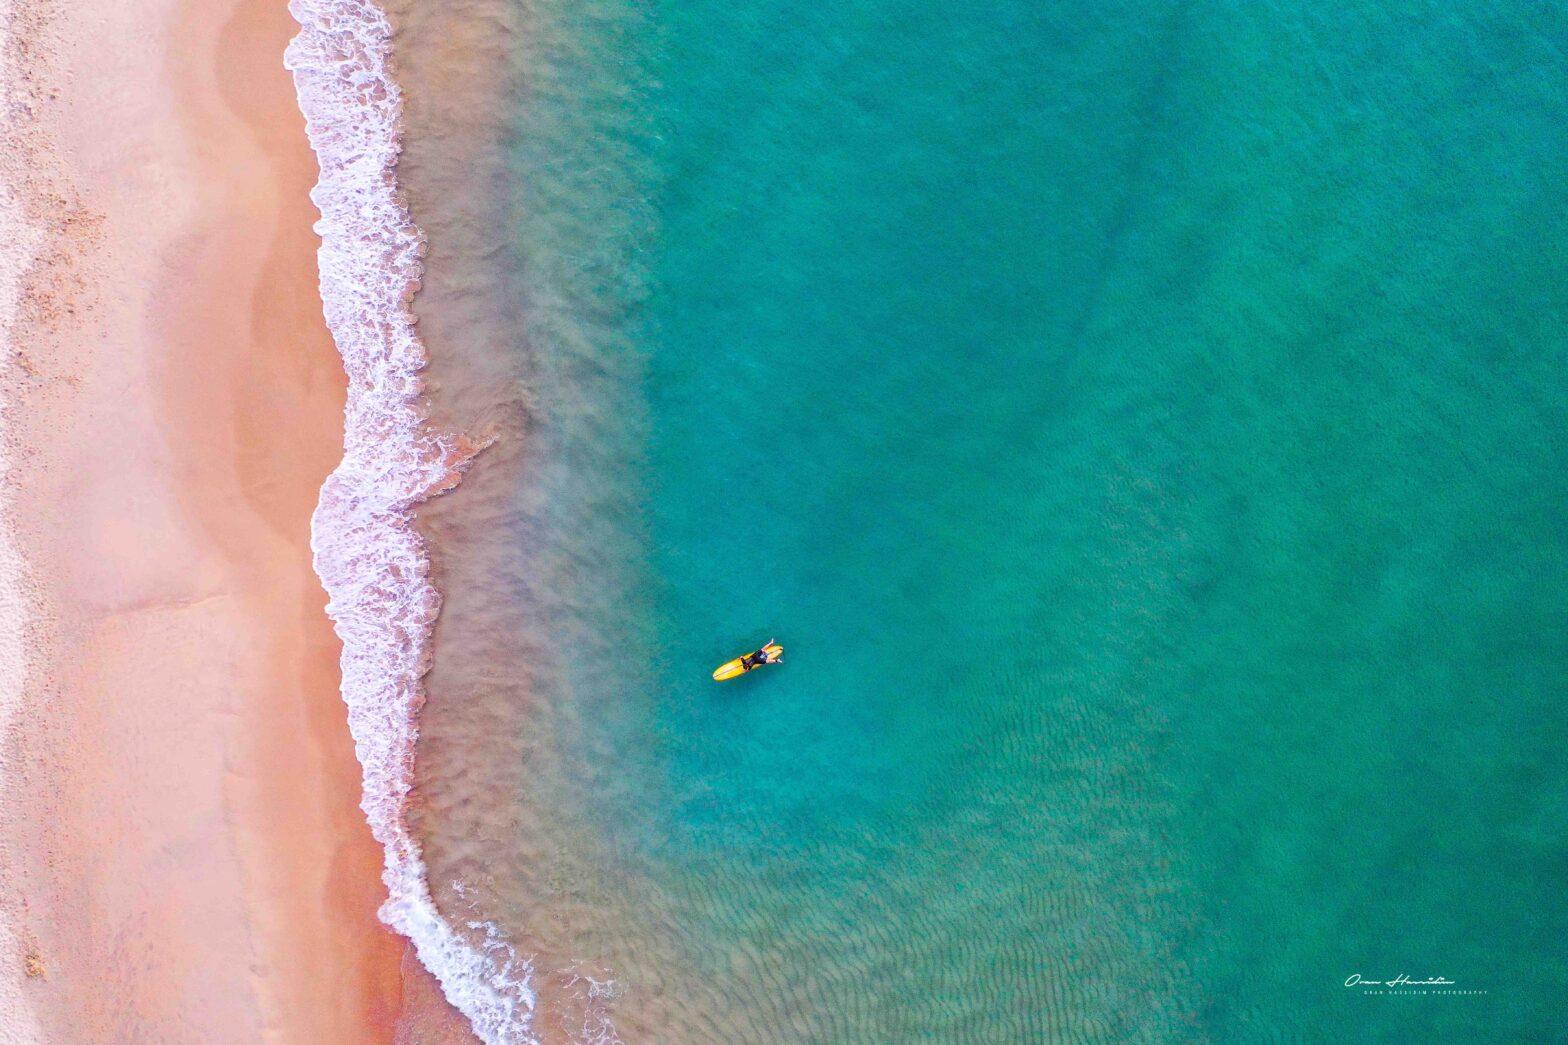 last surfer